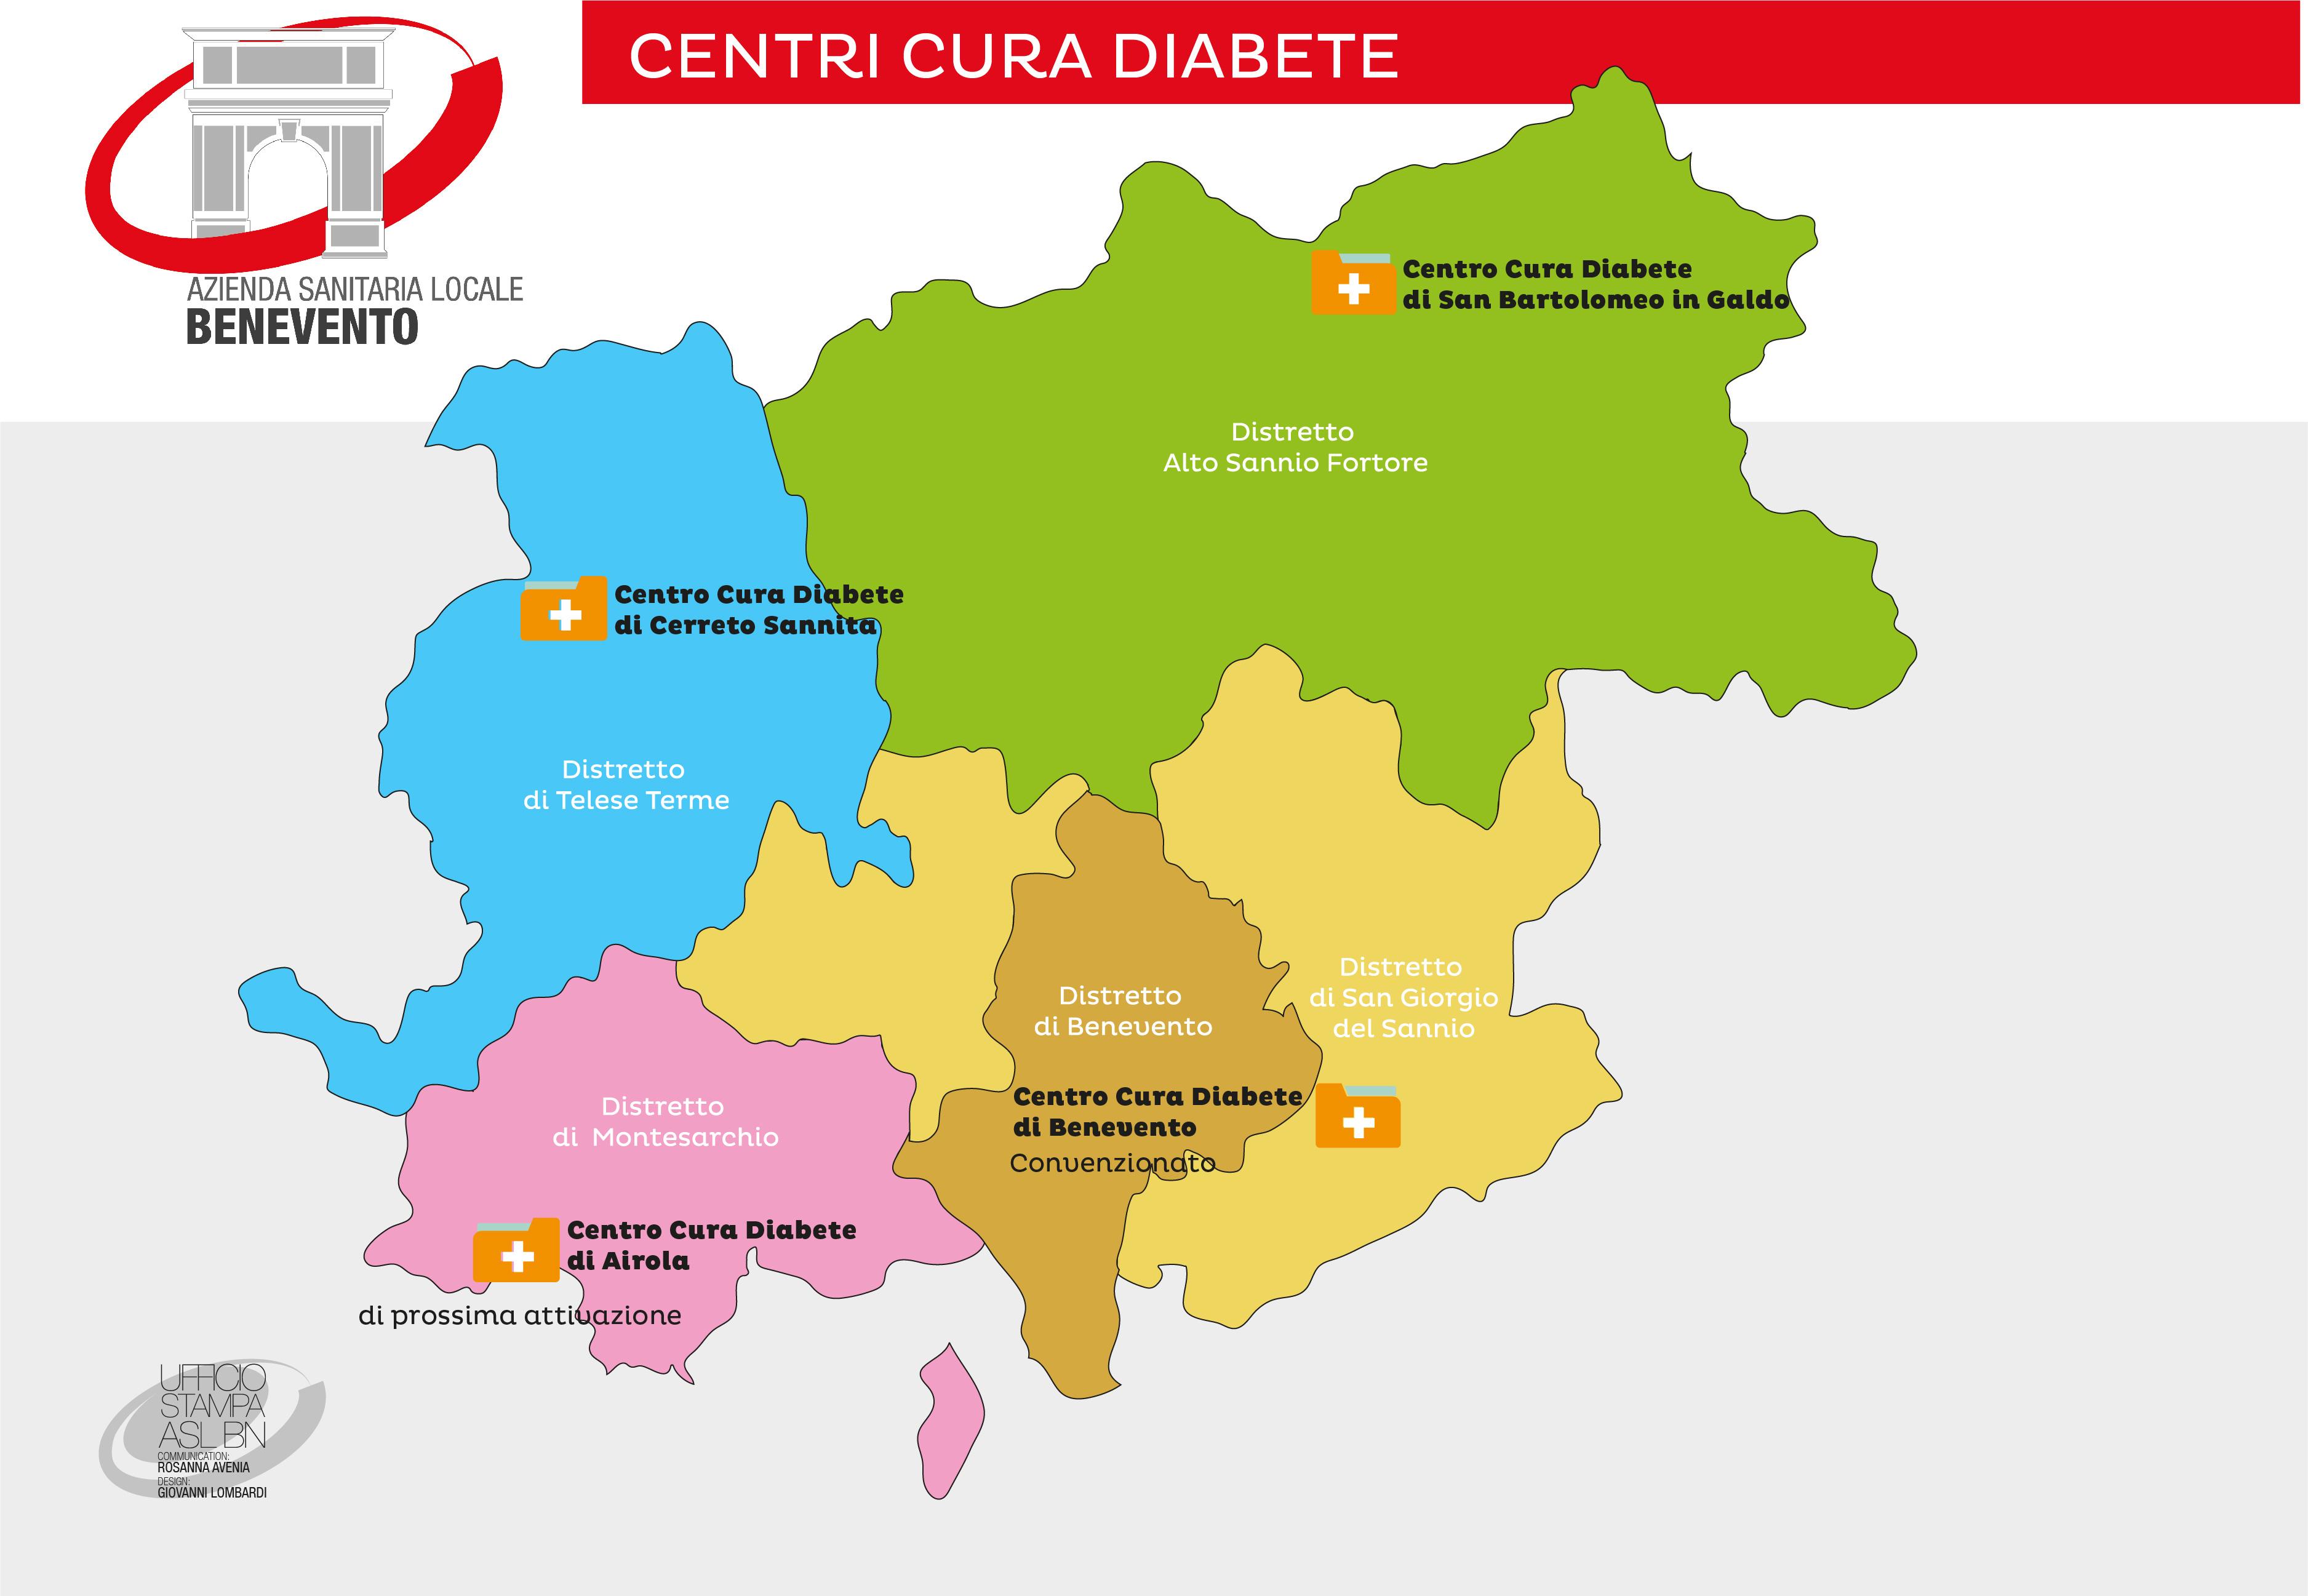 L'Asl potenzia i servizi territoriali con l'apertura di nuovi centri per la Cura del Diabete